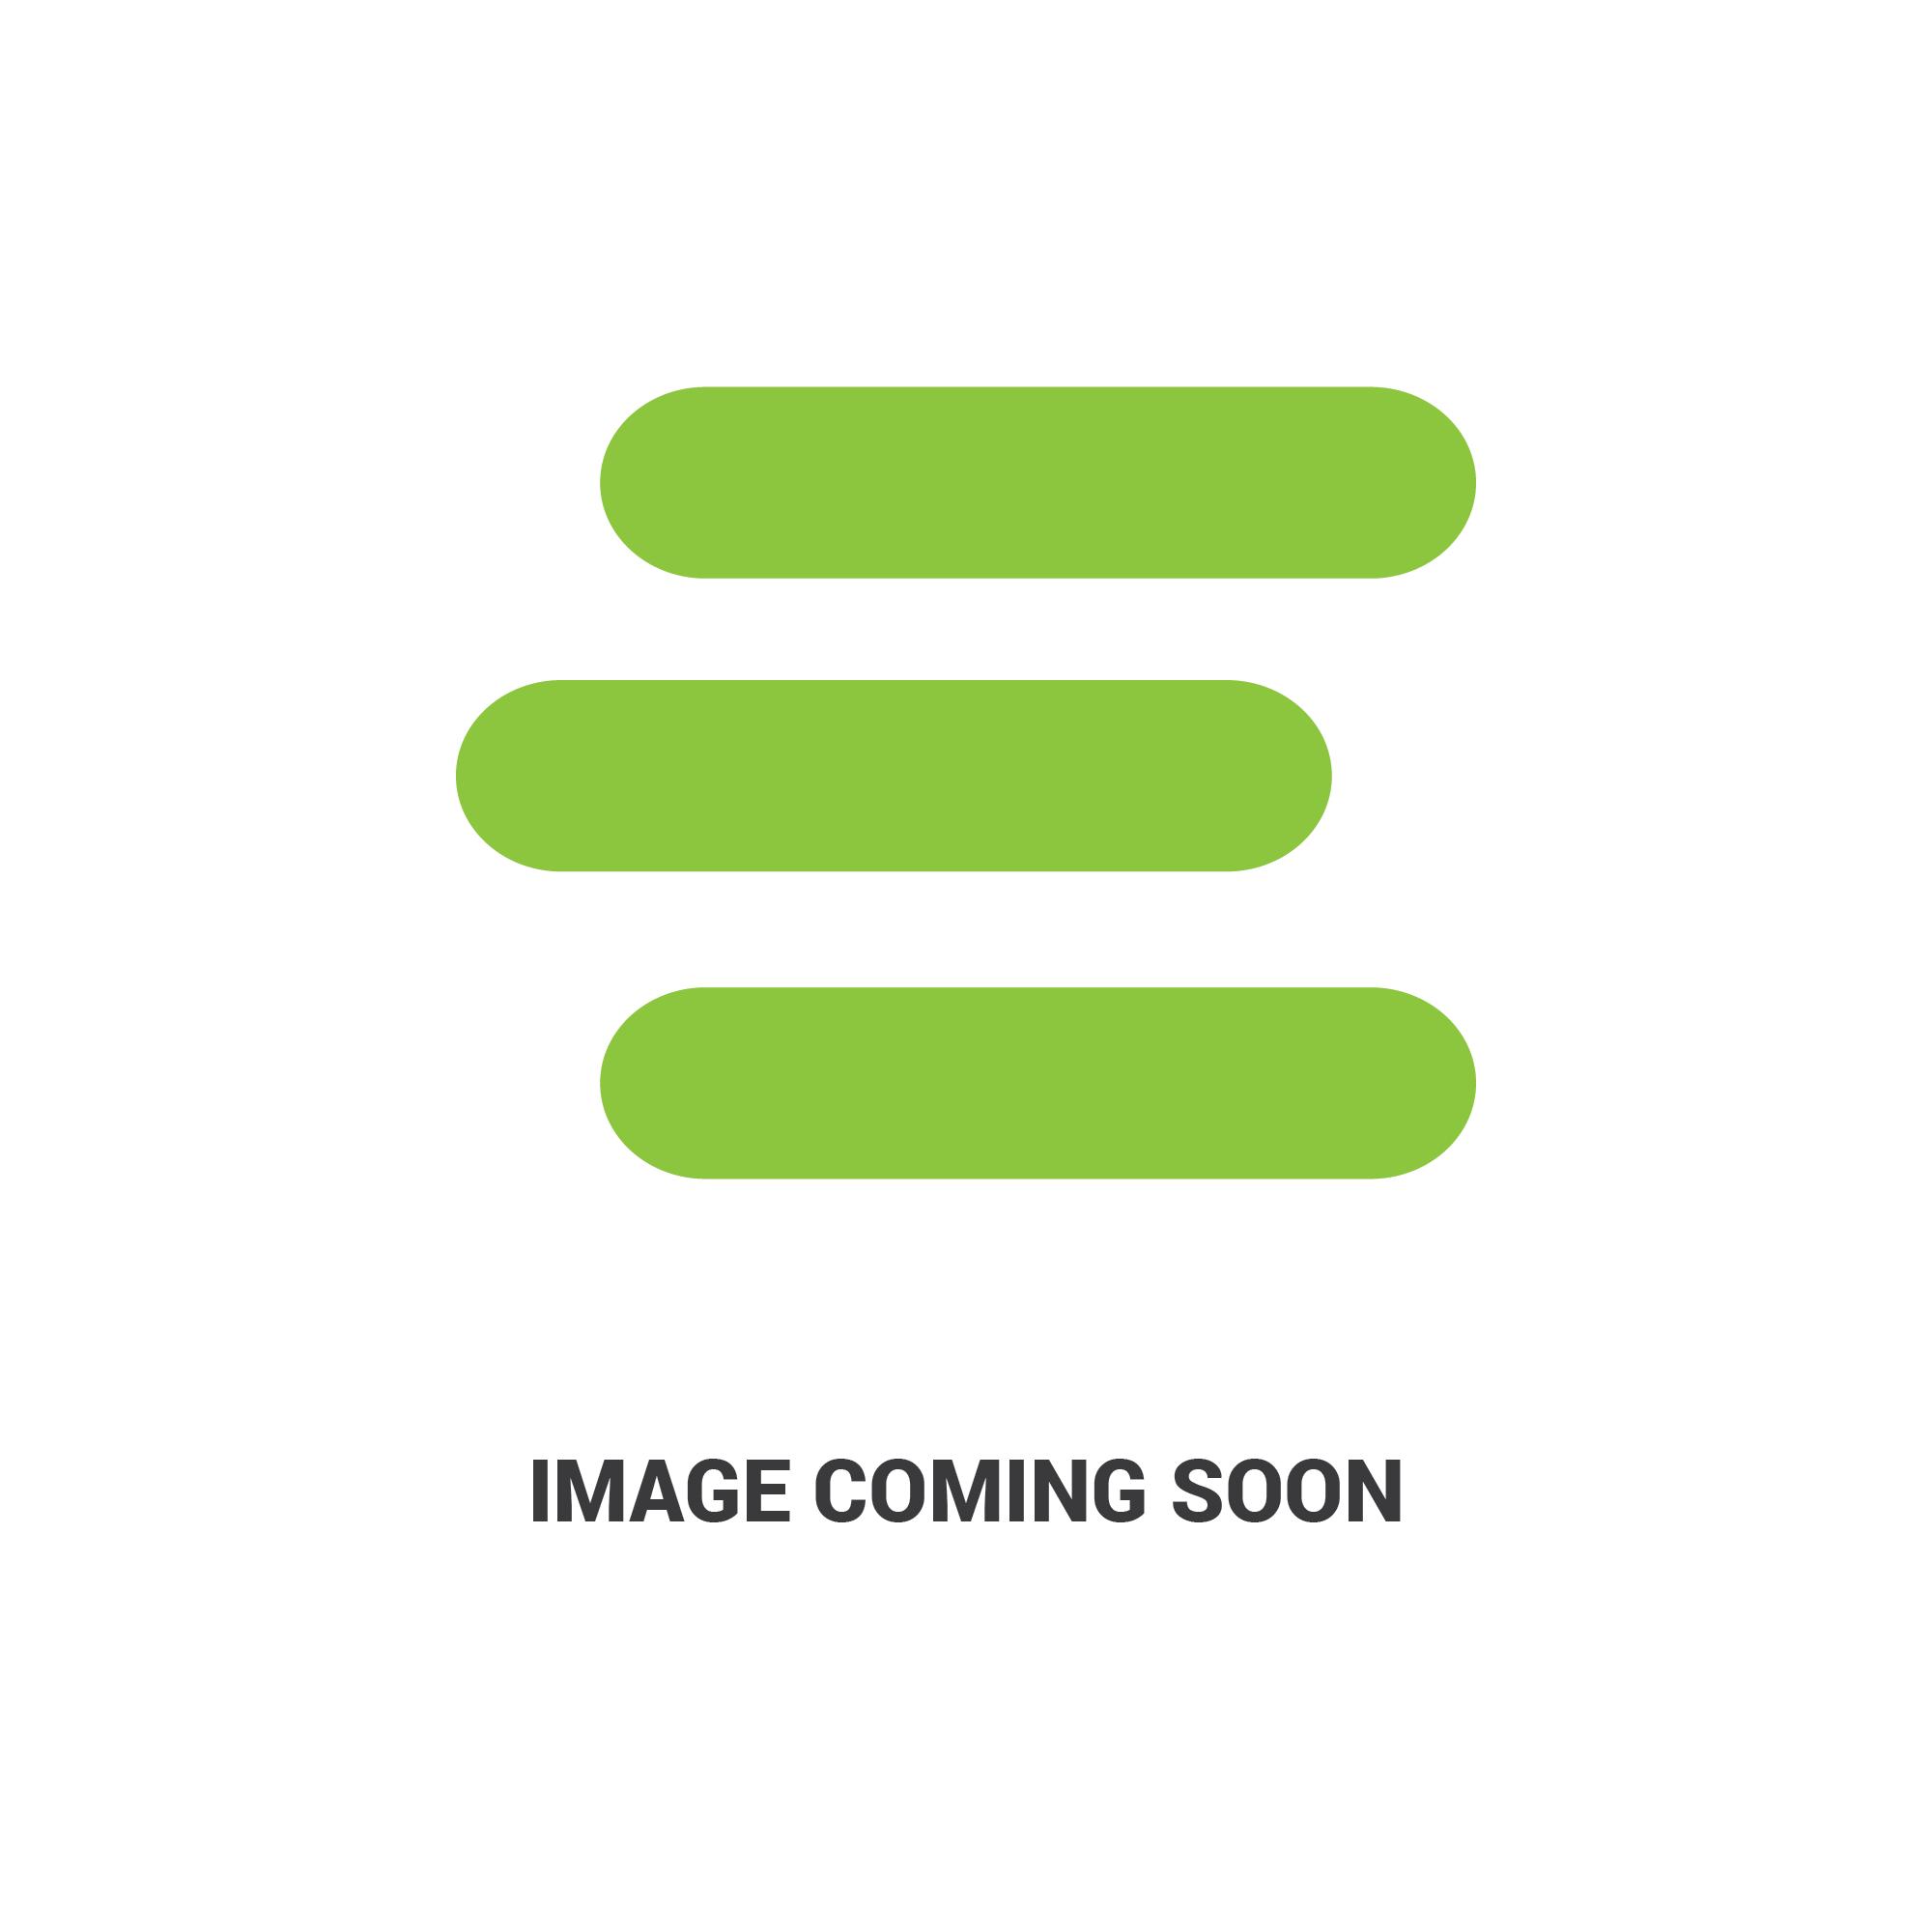 E-AM1420951757_1.jpg